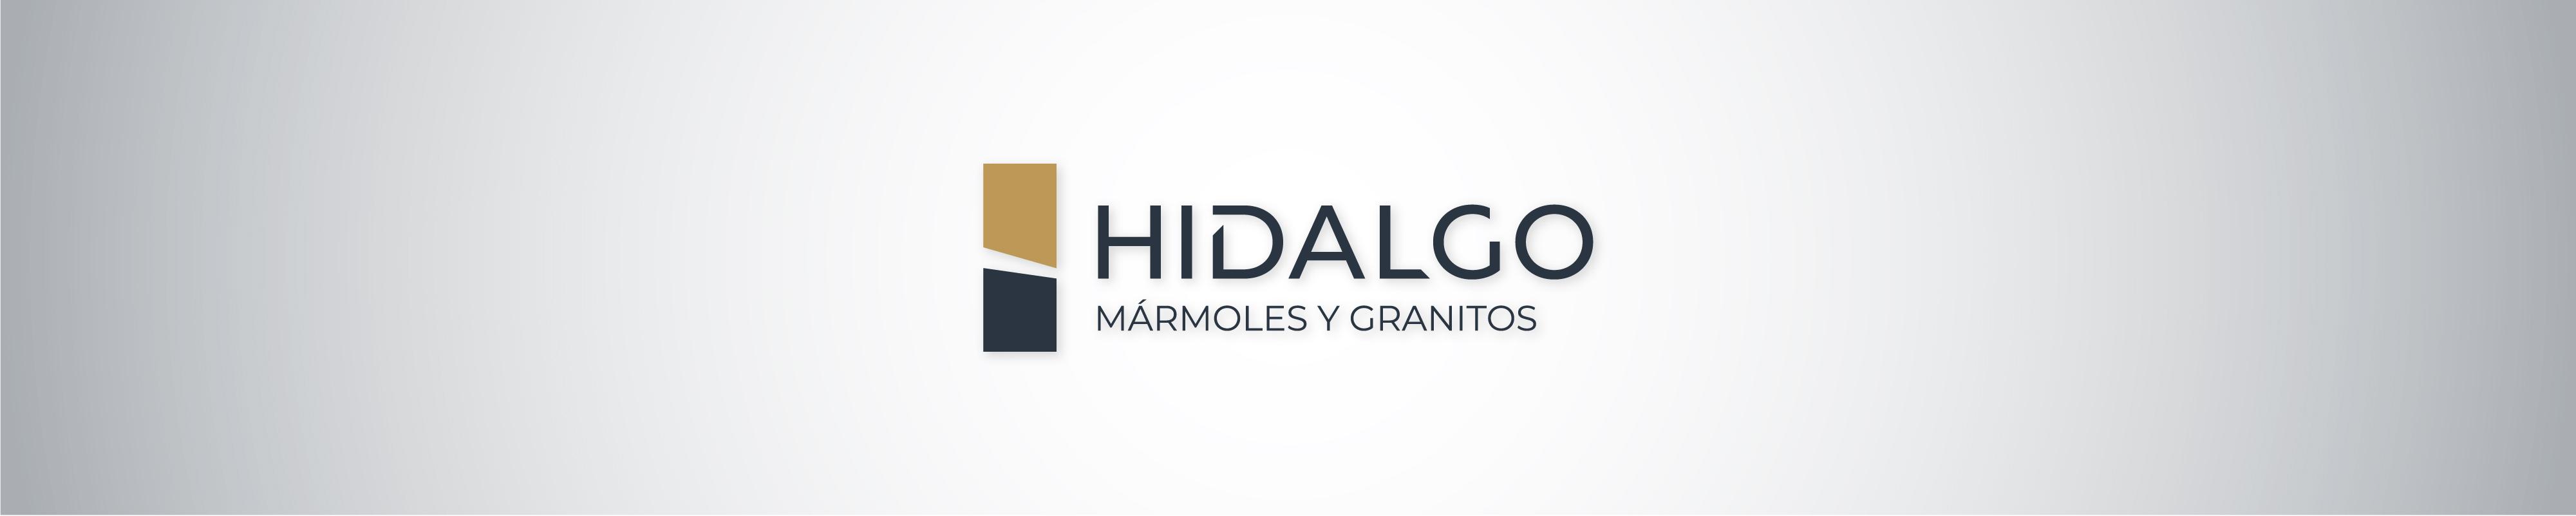 Logotipo Hidalgo mármoles y granitos